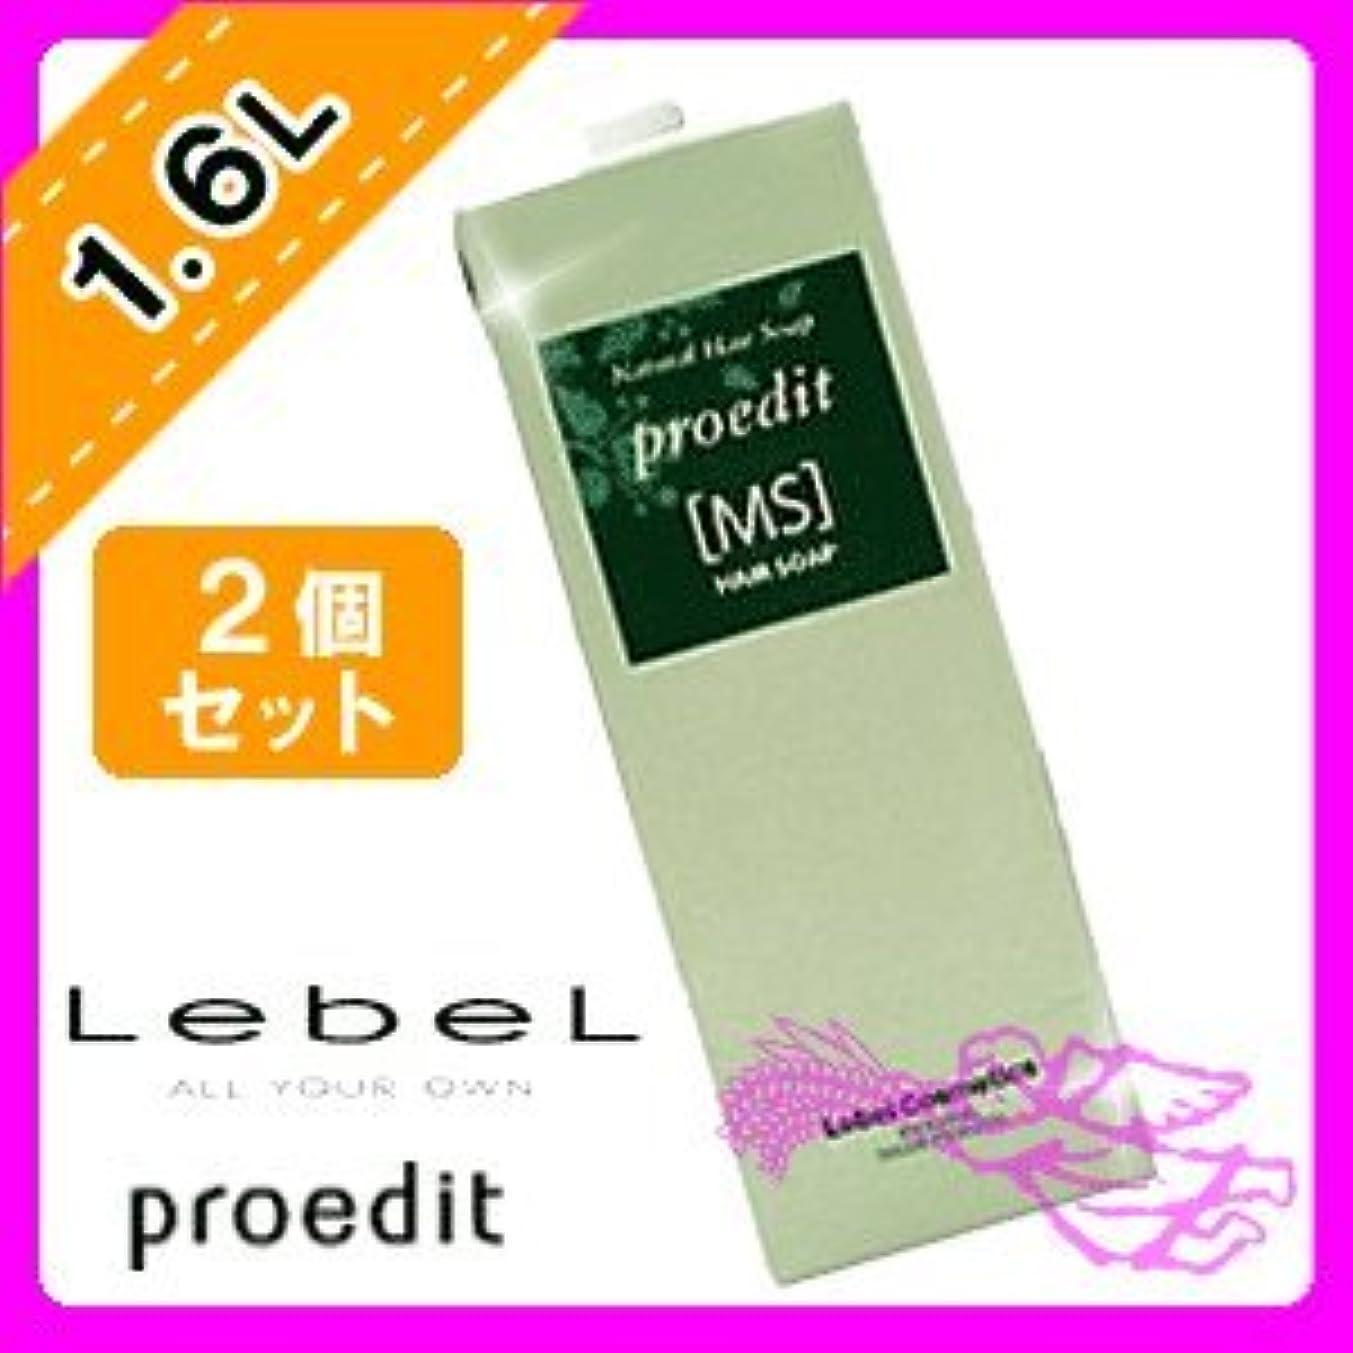 ピービッシュ苦味液体ルベル プロエディット シャンプーMS 1600ml ×2個 セット 業務用 詰め替え用 硬くてふくらむ髪を扱いやすくし、ダメージをケアしながら しっとり?やわらかに仕上げます LebeL proedit